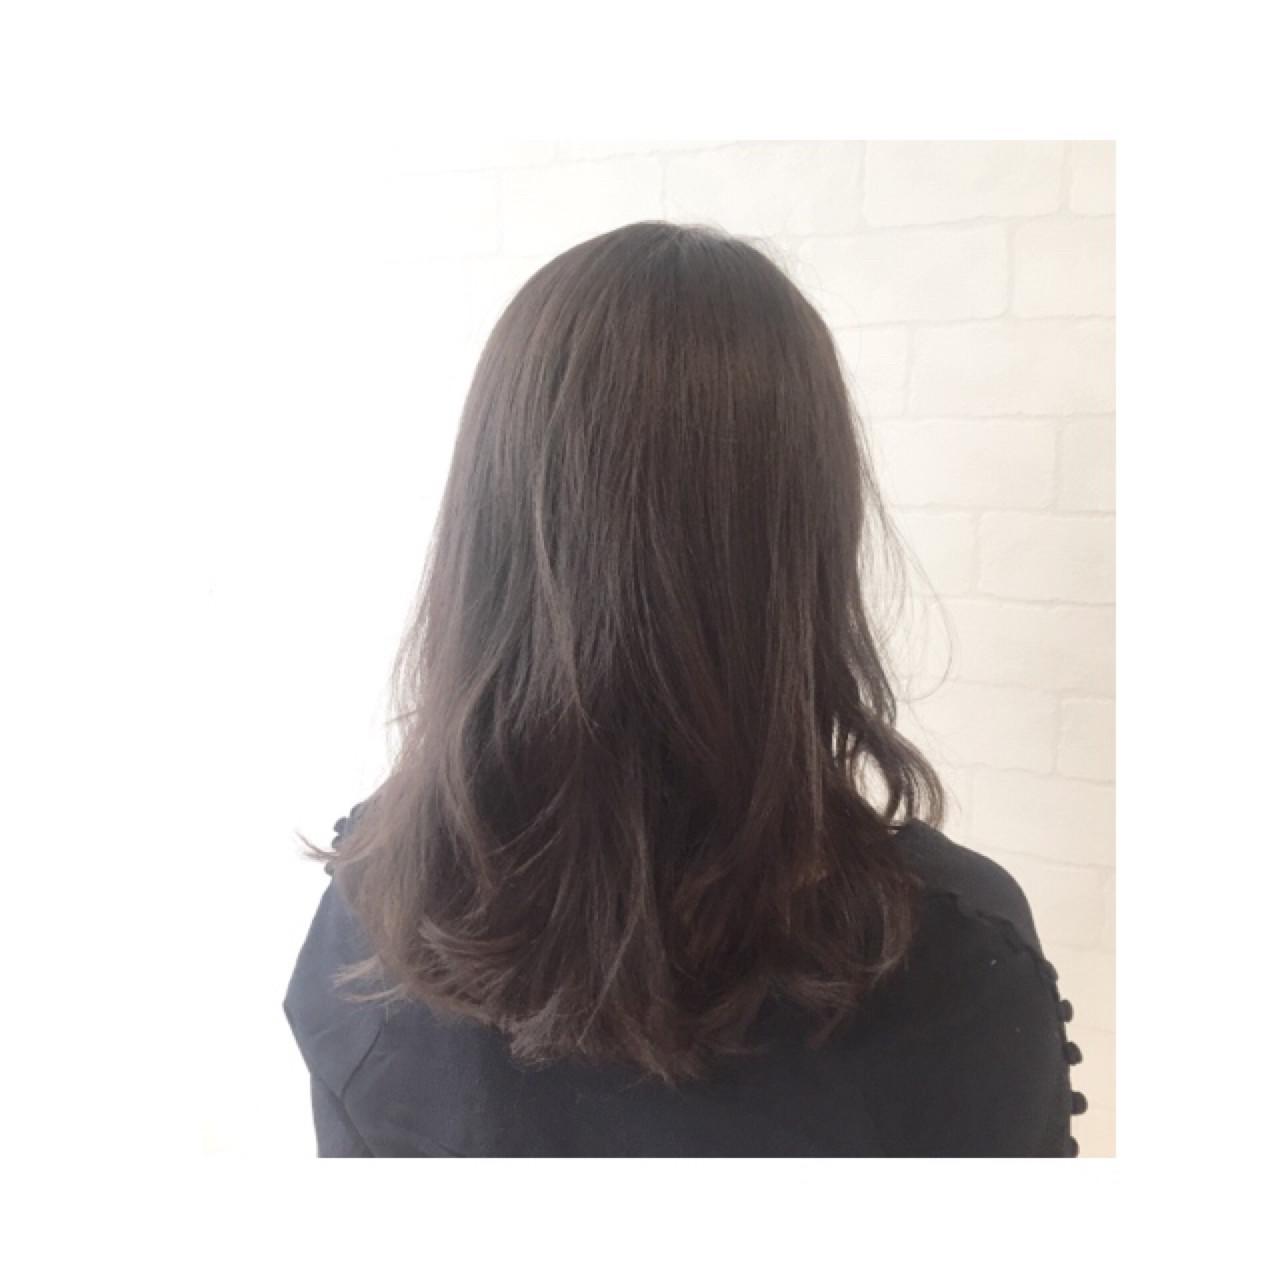 アッシュ ハイライト 外国人風 ナチュラル ヘアスタイルや髪型の写真・画像 | AKI / park by merry / park by merry